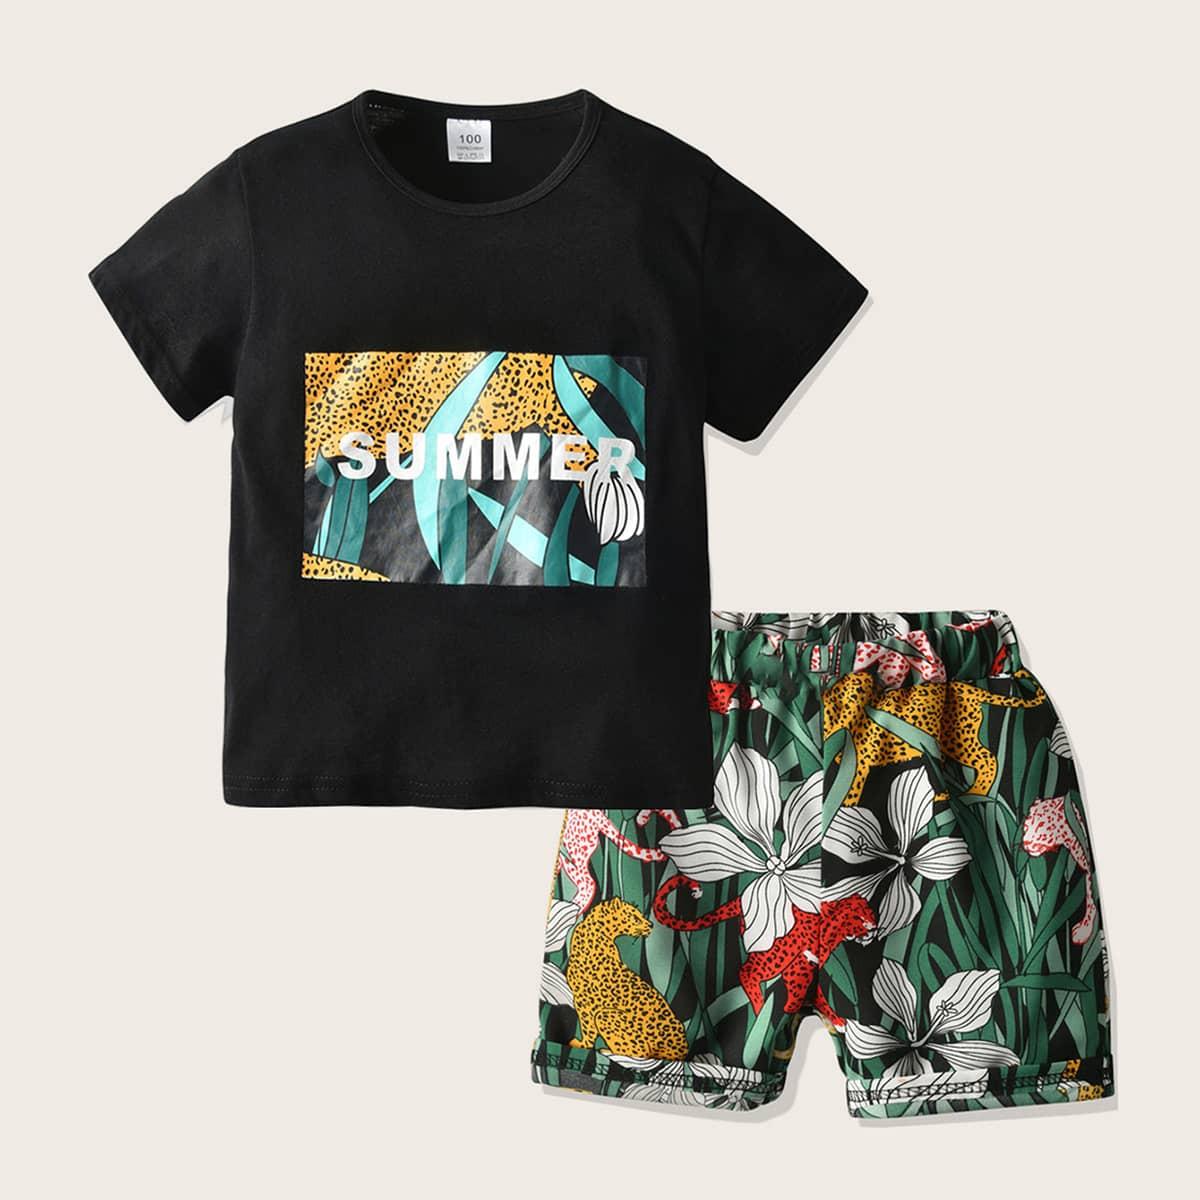 Шорты и футболка с текстовым, тропическим принтом для мальчиков от SHEIN